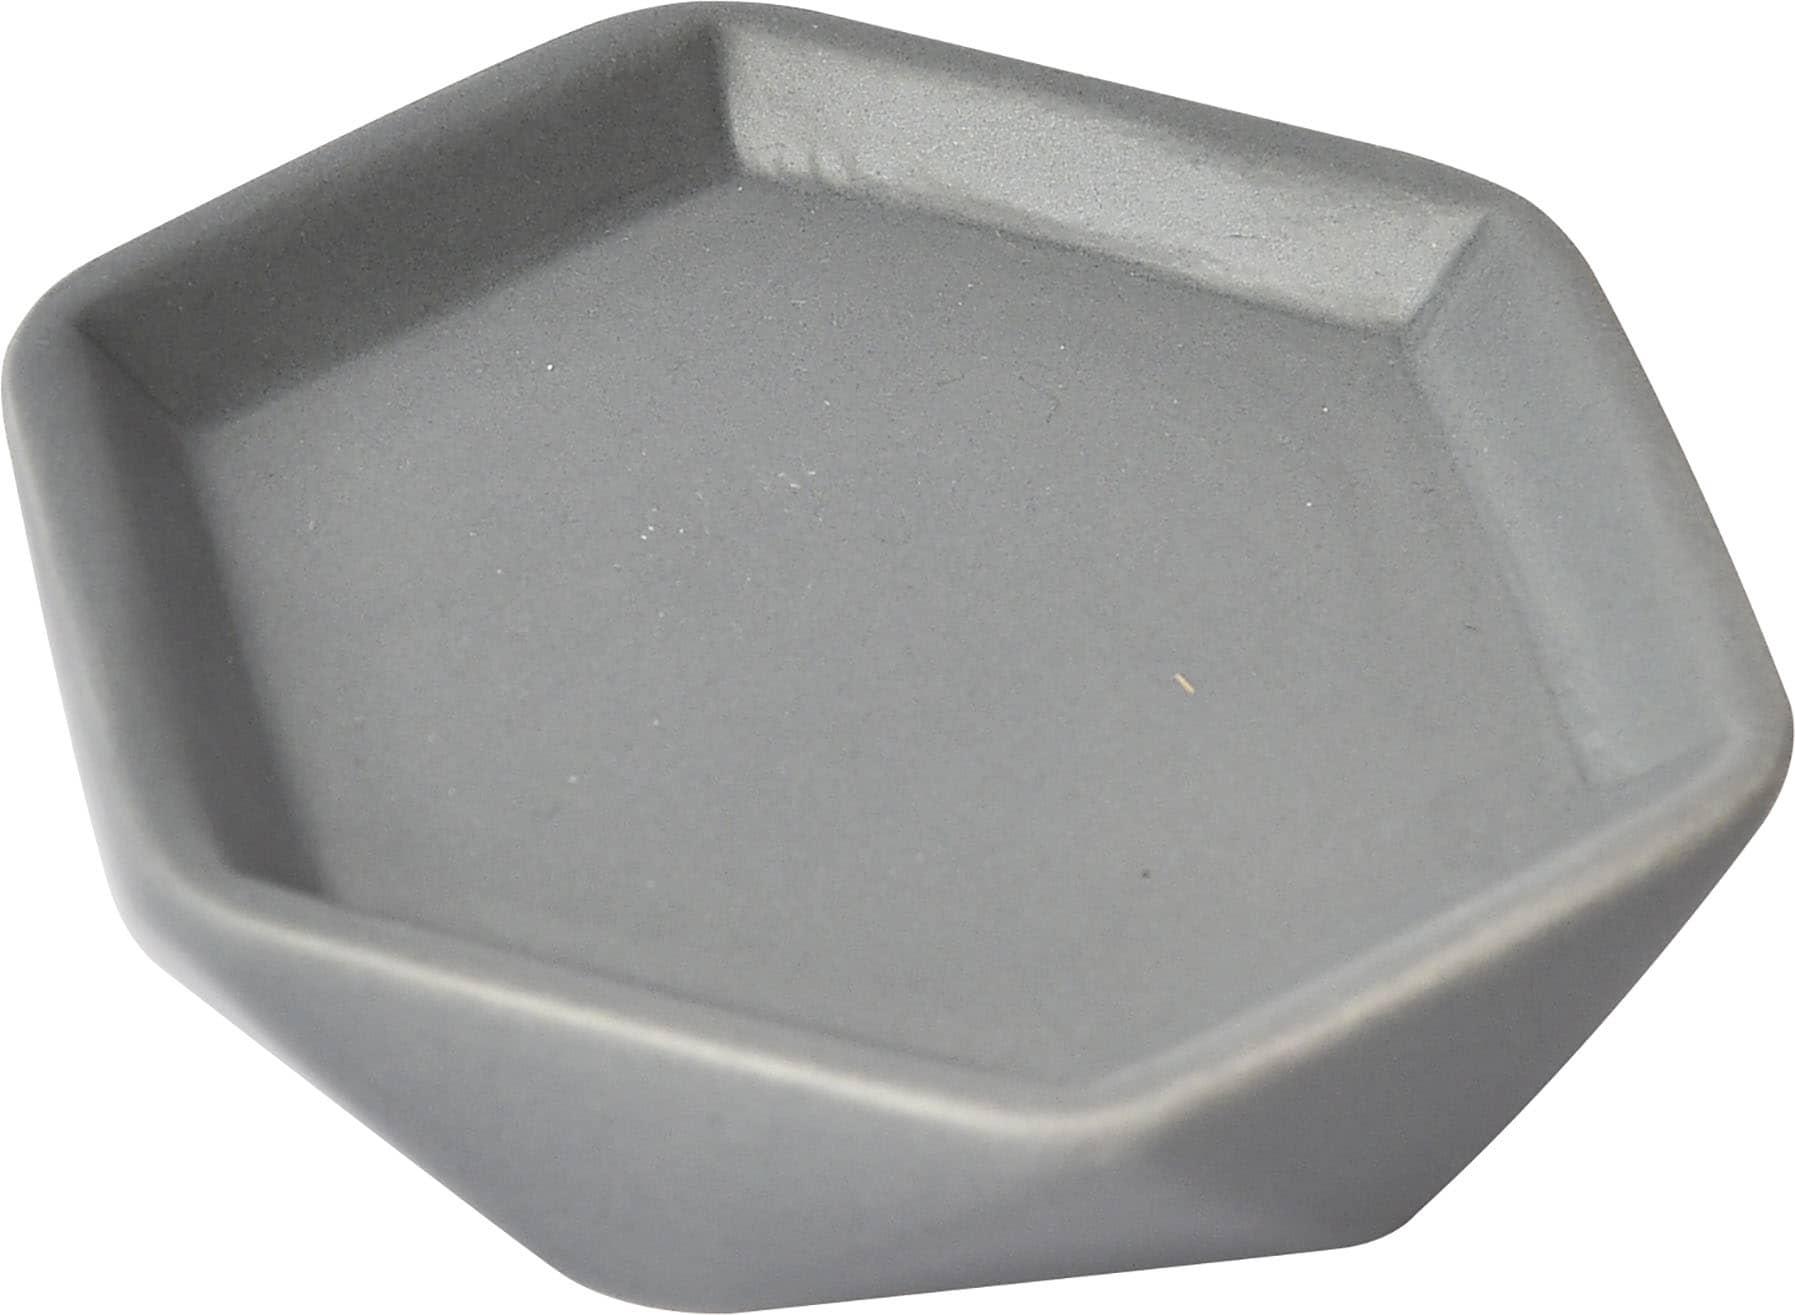 4goodz Diamond 3-delige badkamerset - Grijs